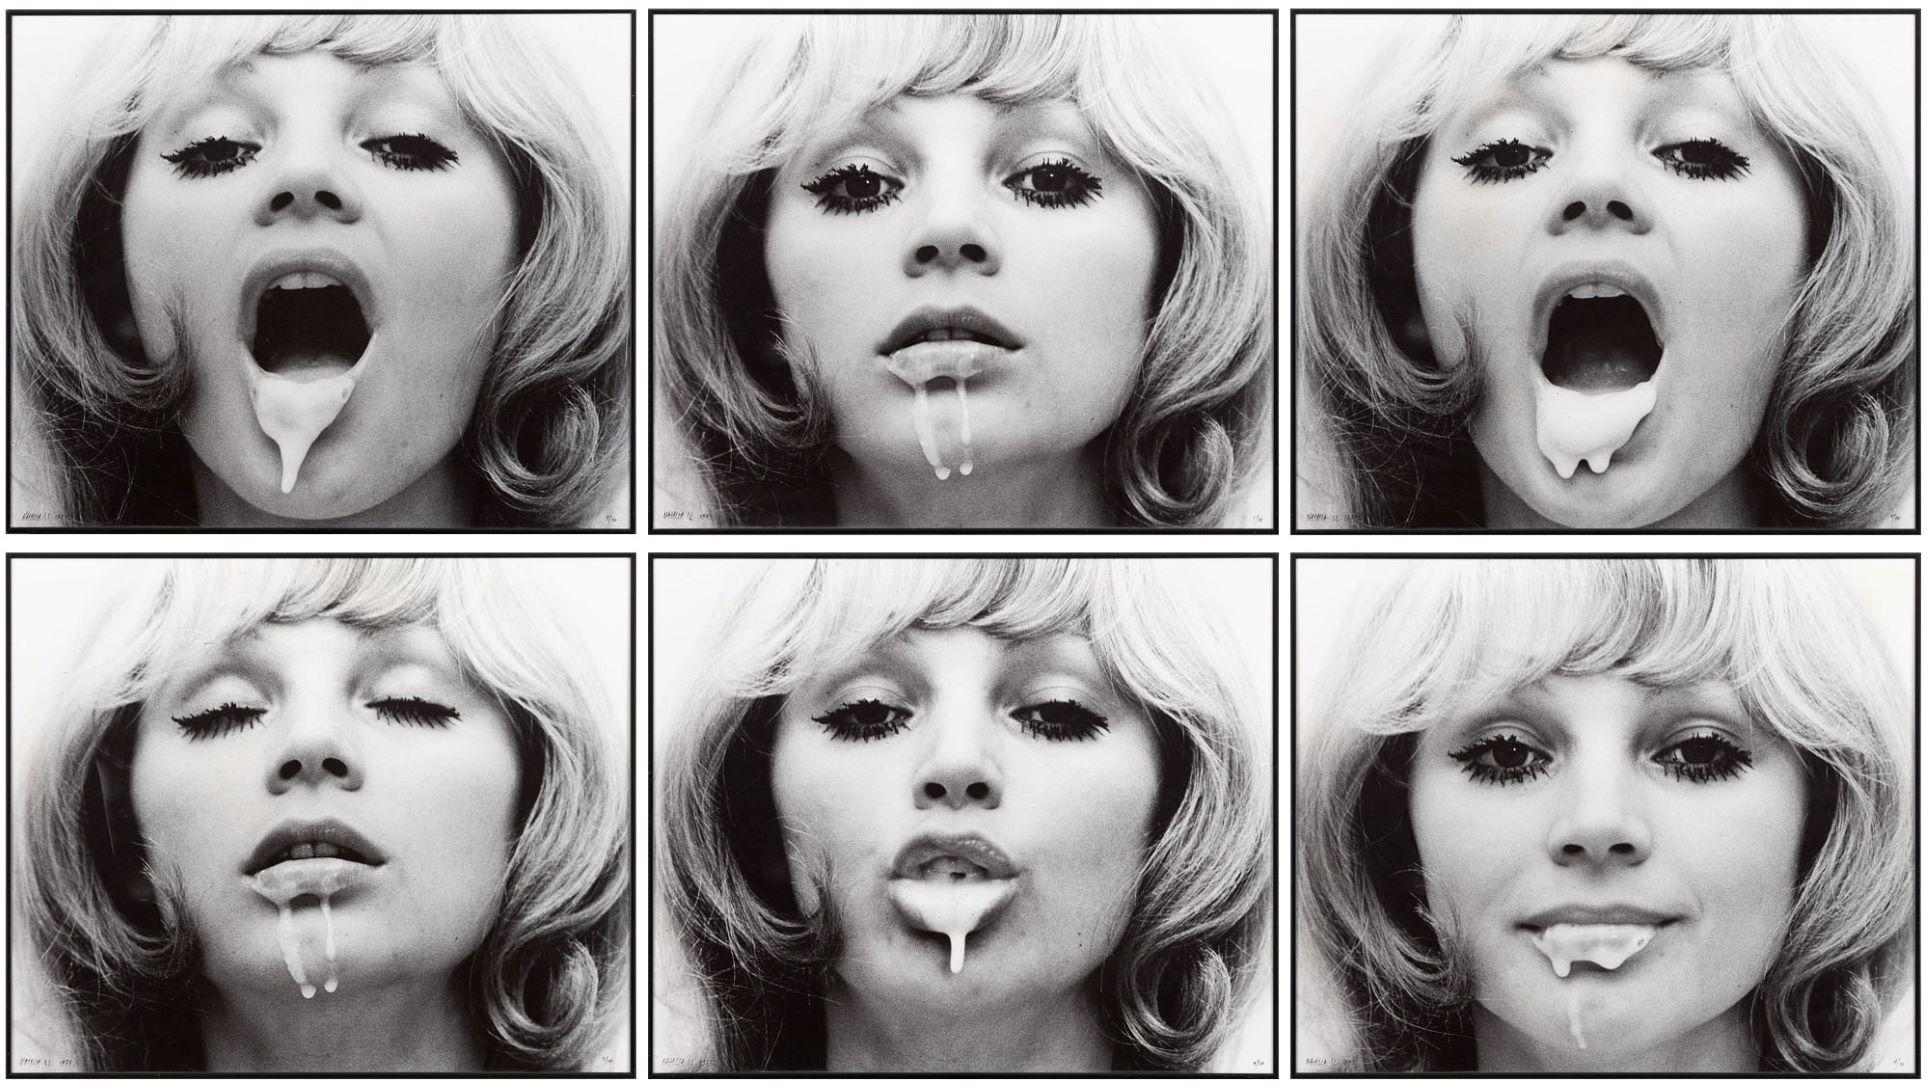 NATALIA LL, Sztuka postkonsupcyjna, 1975 fotografia czarno-biała, 50 x 60 cm